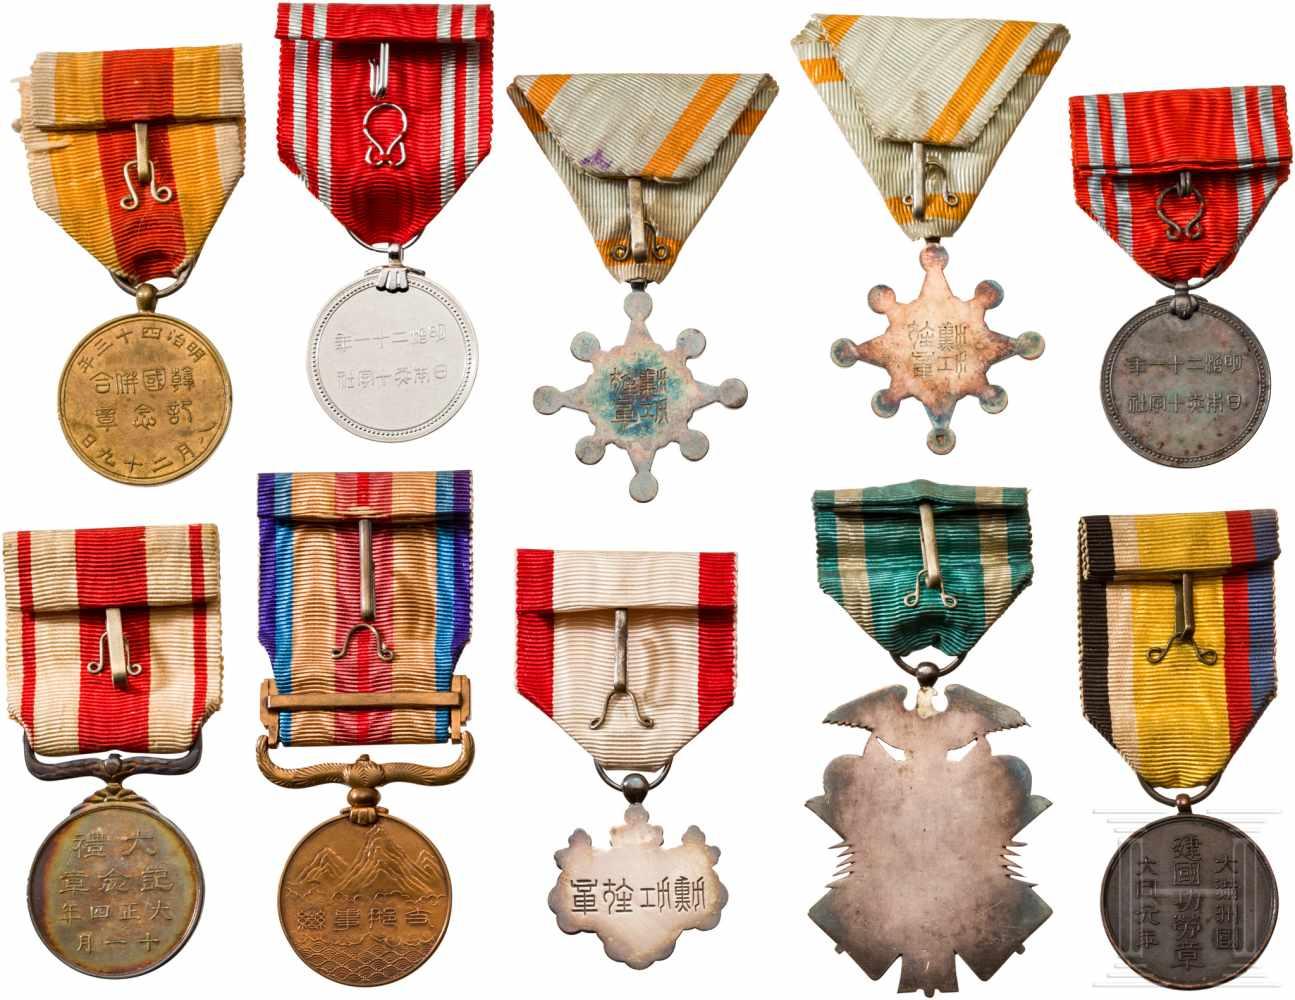 Lot 3872 - Kleine Sammlung japanischer Auszeichnungen, 1. Hälfte 20. Jhdt.Zwei Orden des Heiligen Schatzes,